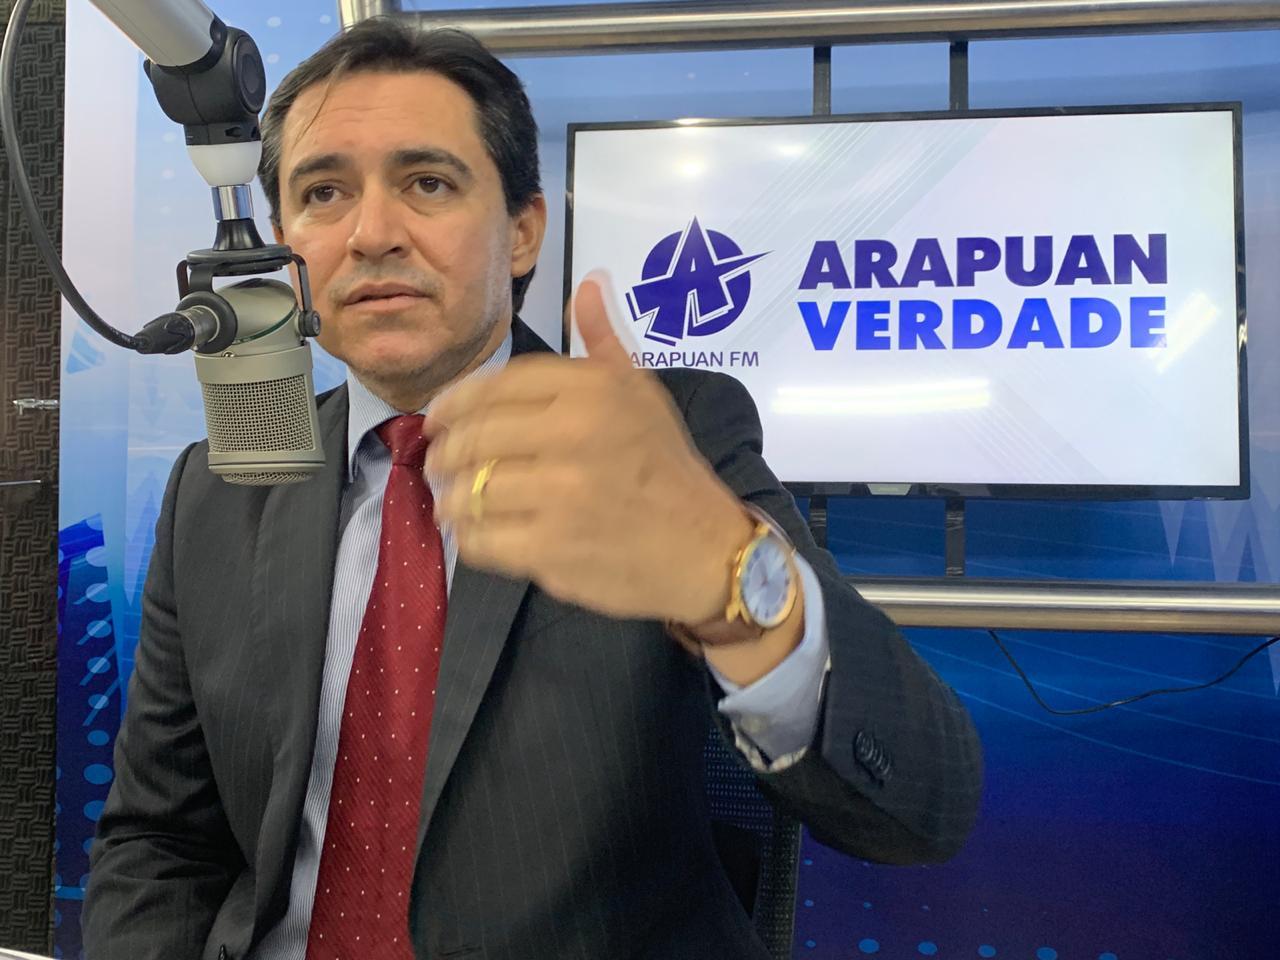 jean secretário segurança - VEJA VÍDEO: Novo secretário de segurança da Paraíba critica meta de Bolsonaro de armar população